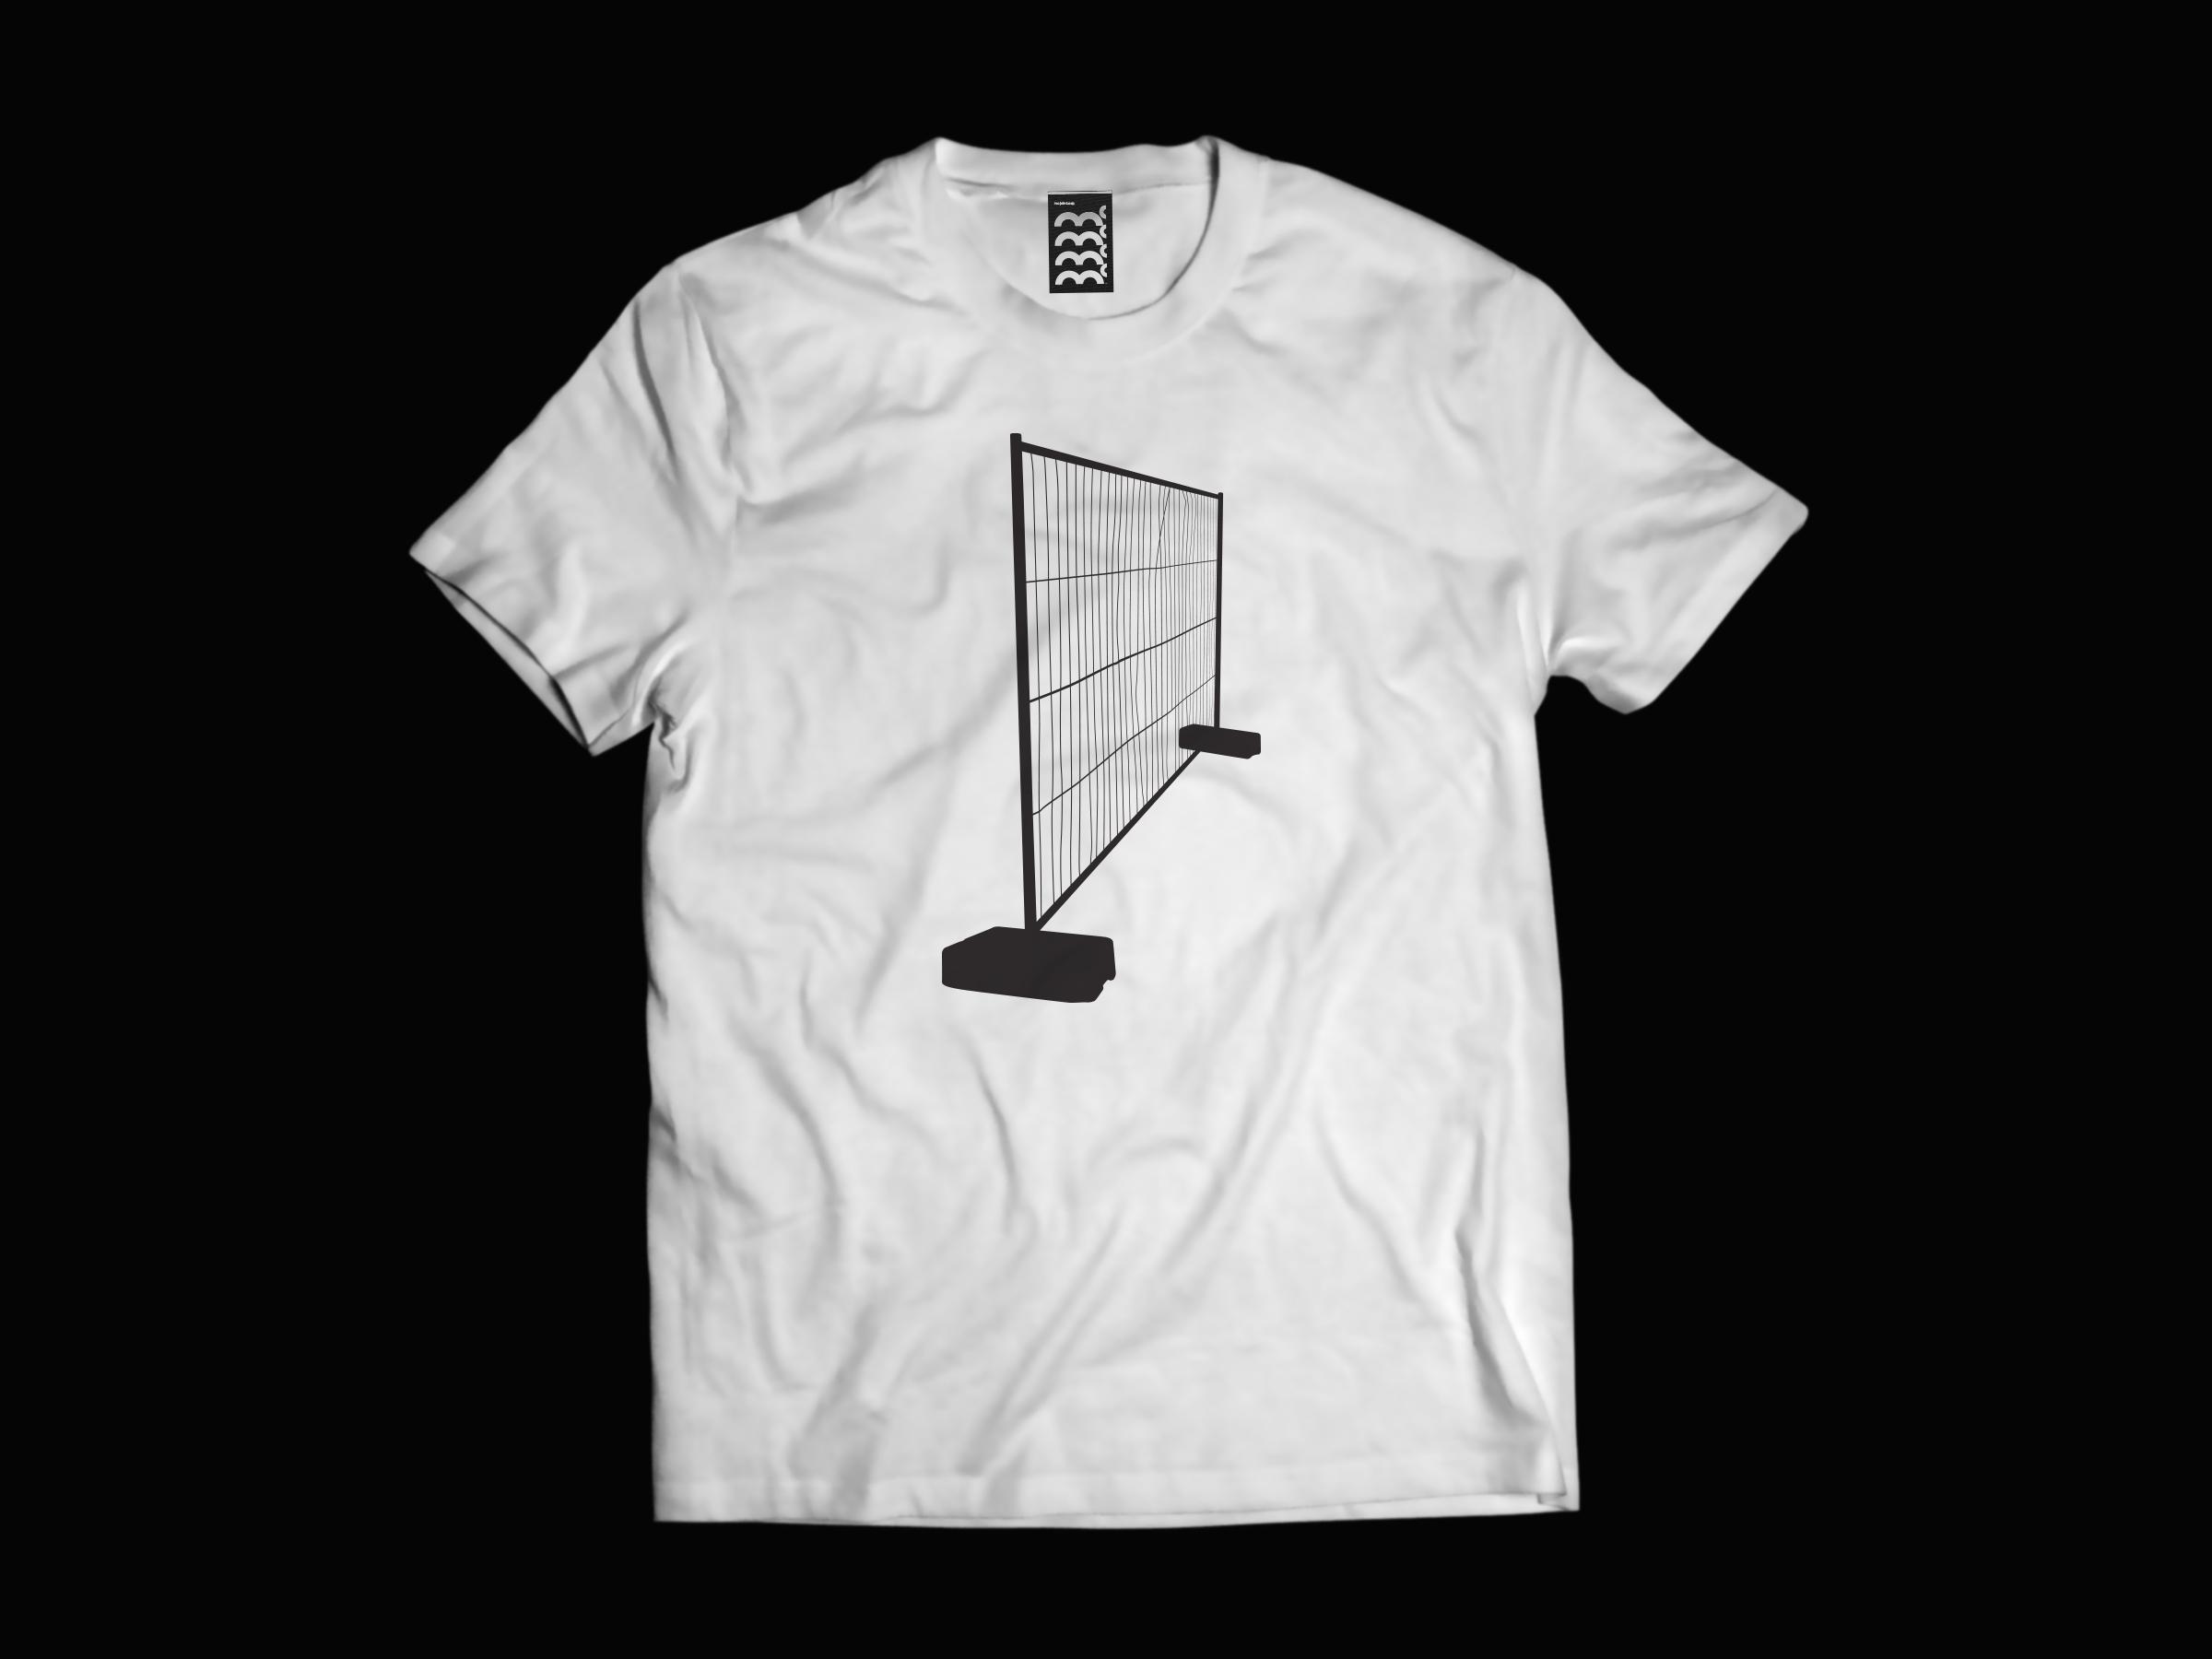 3D_Mc_shirt_2__2400w.jpg